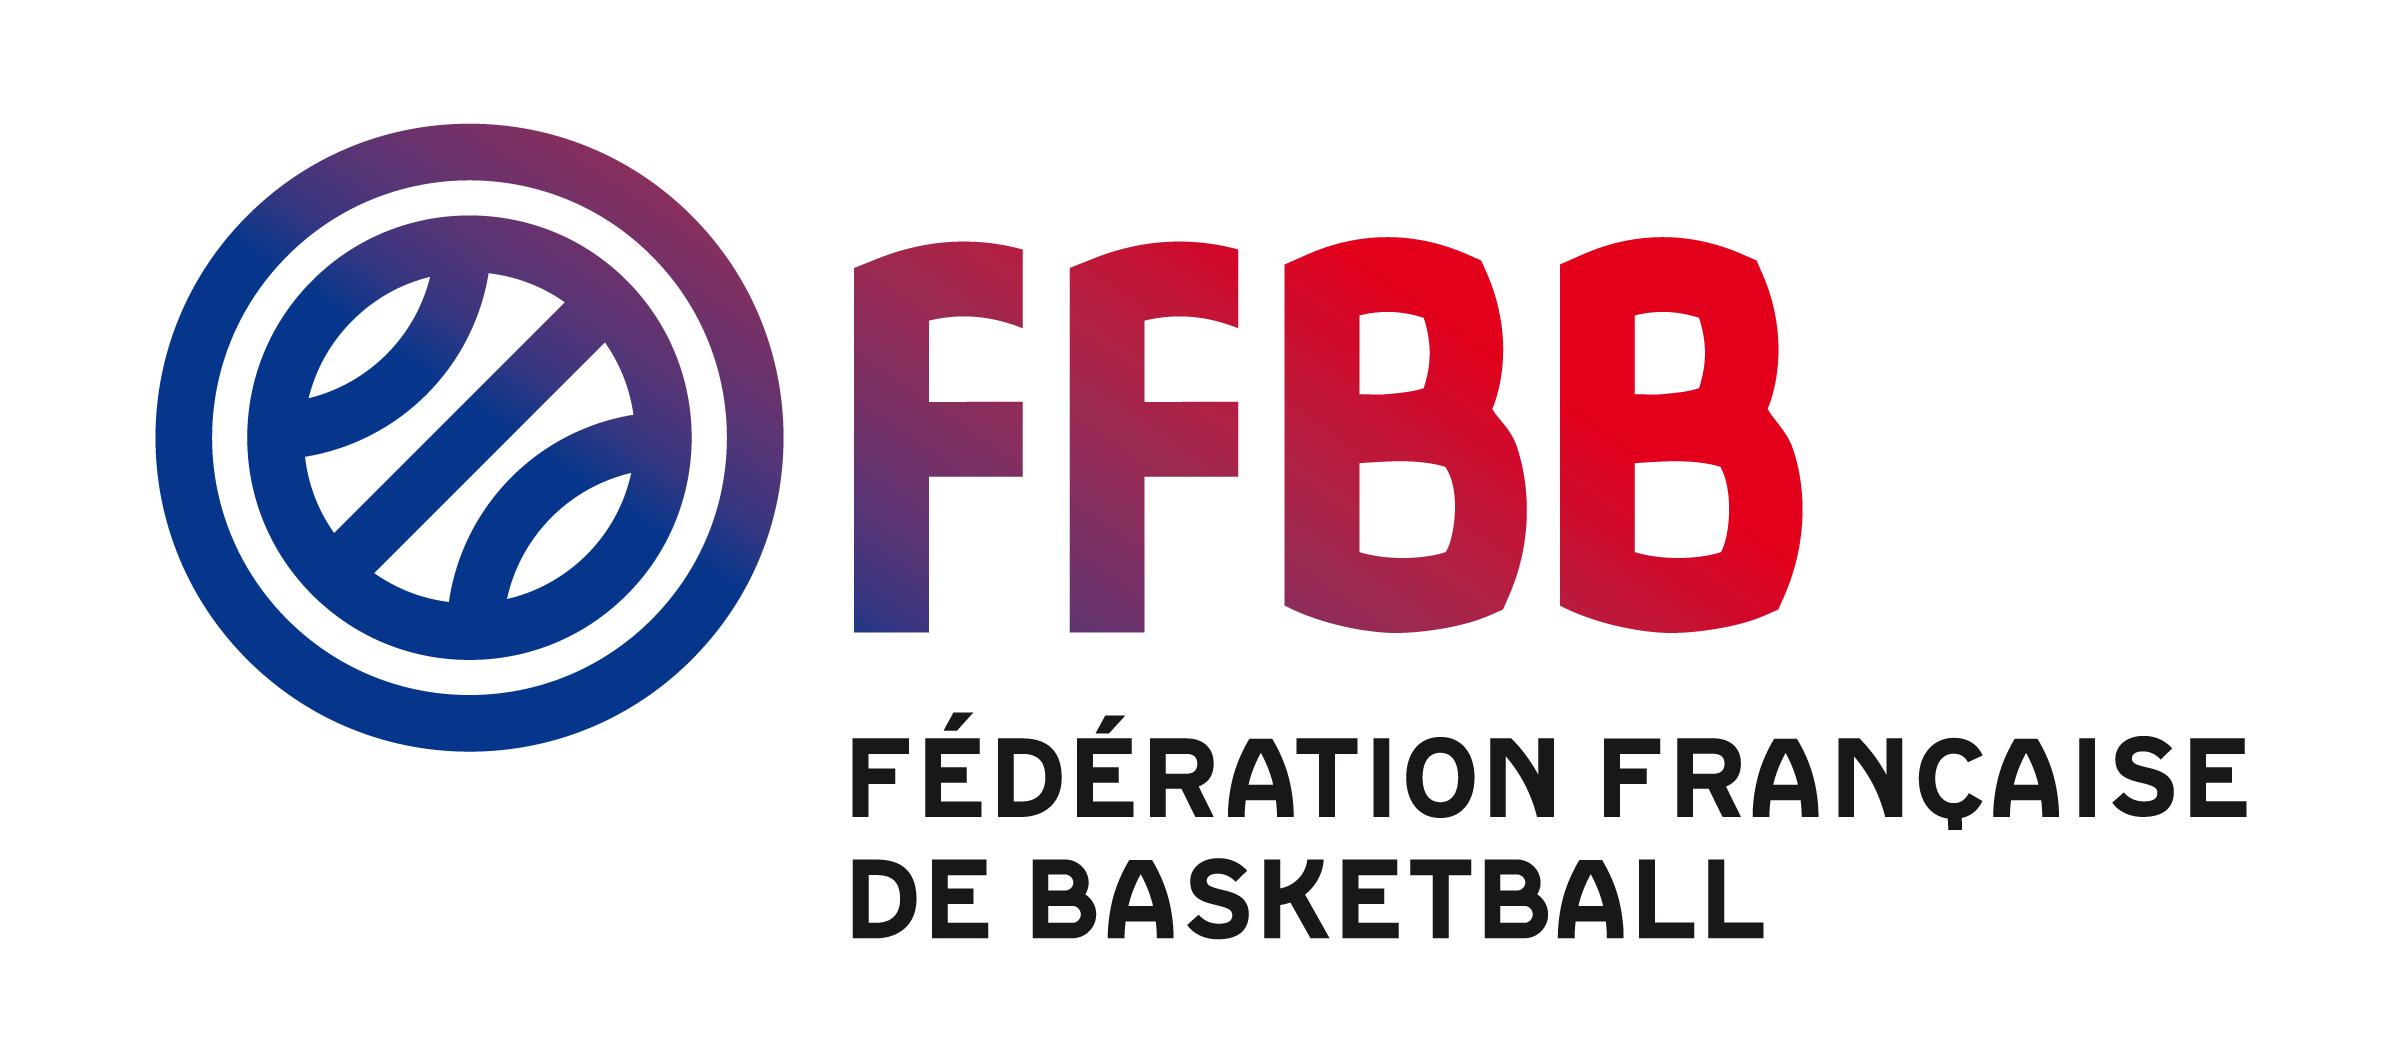 Logotype-FFBB-Horizontal-Baseline-Couleurs